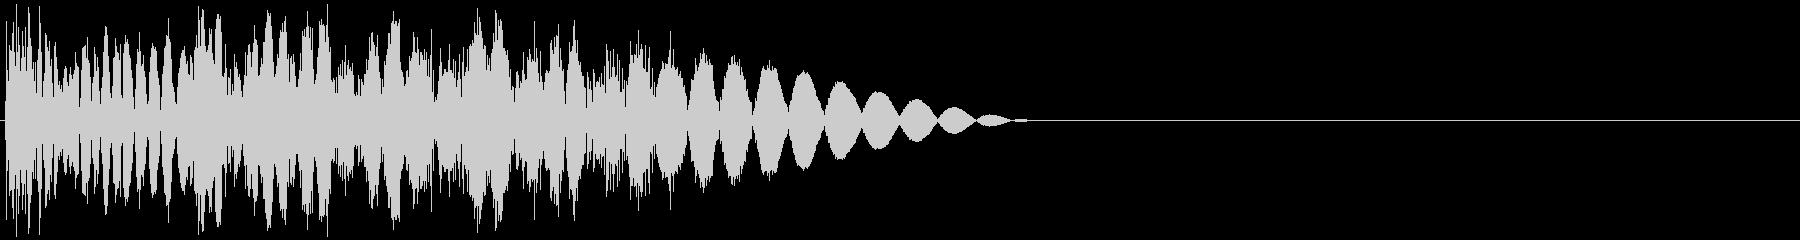 ビシッ(強キック・物理攻撃・ツッコミ)の未再生の波形